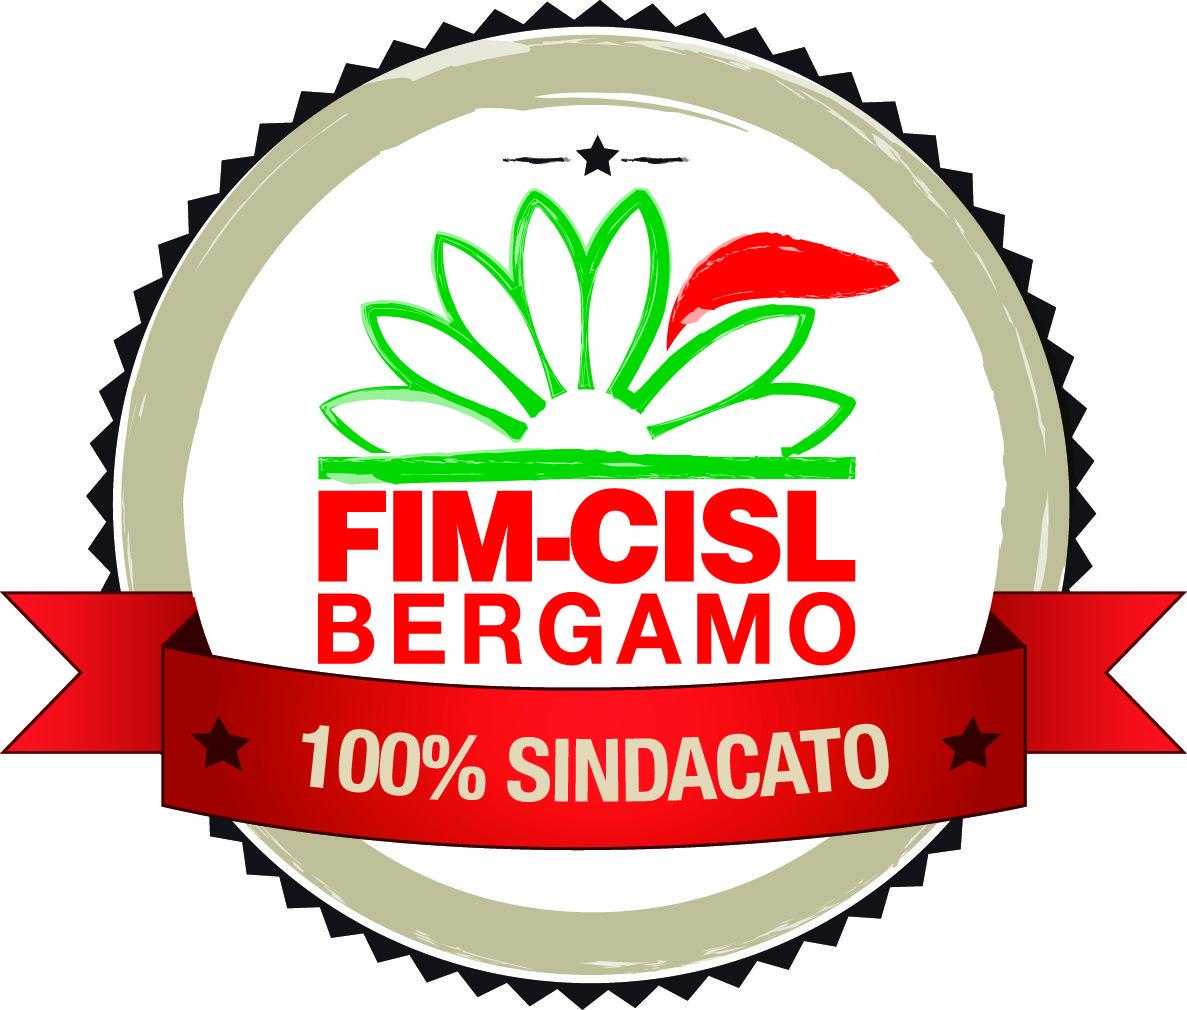 Fim Bergamo